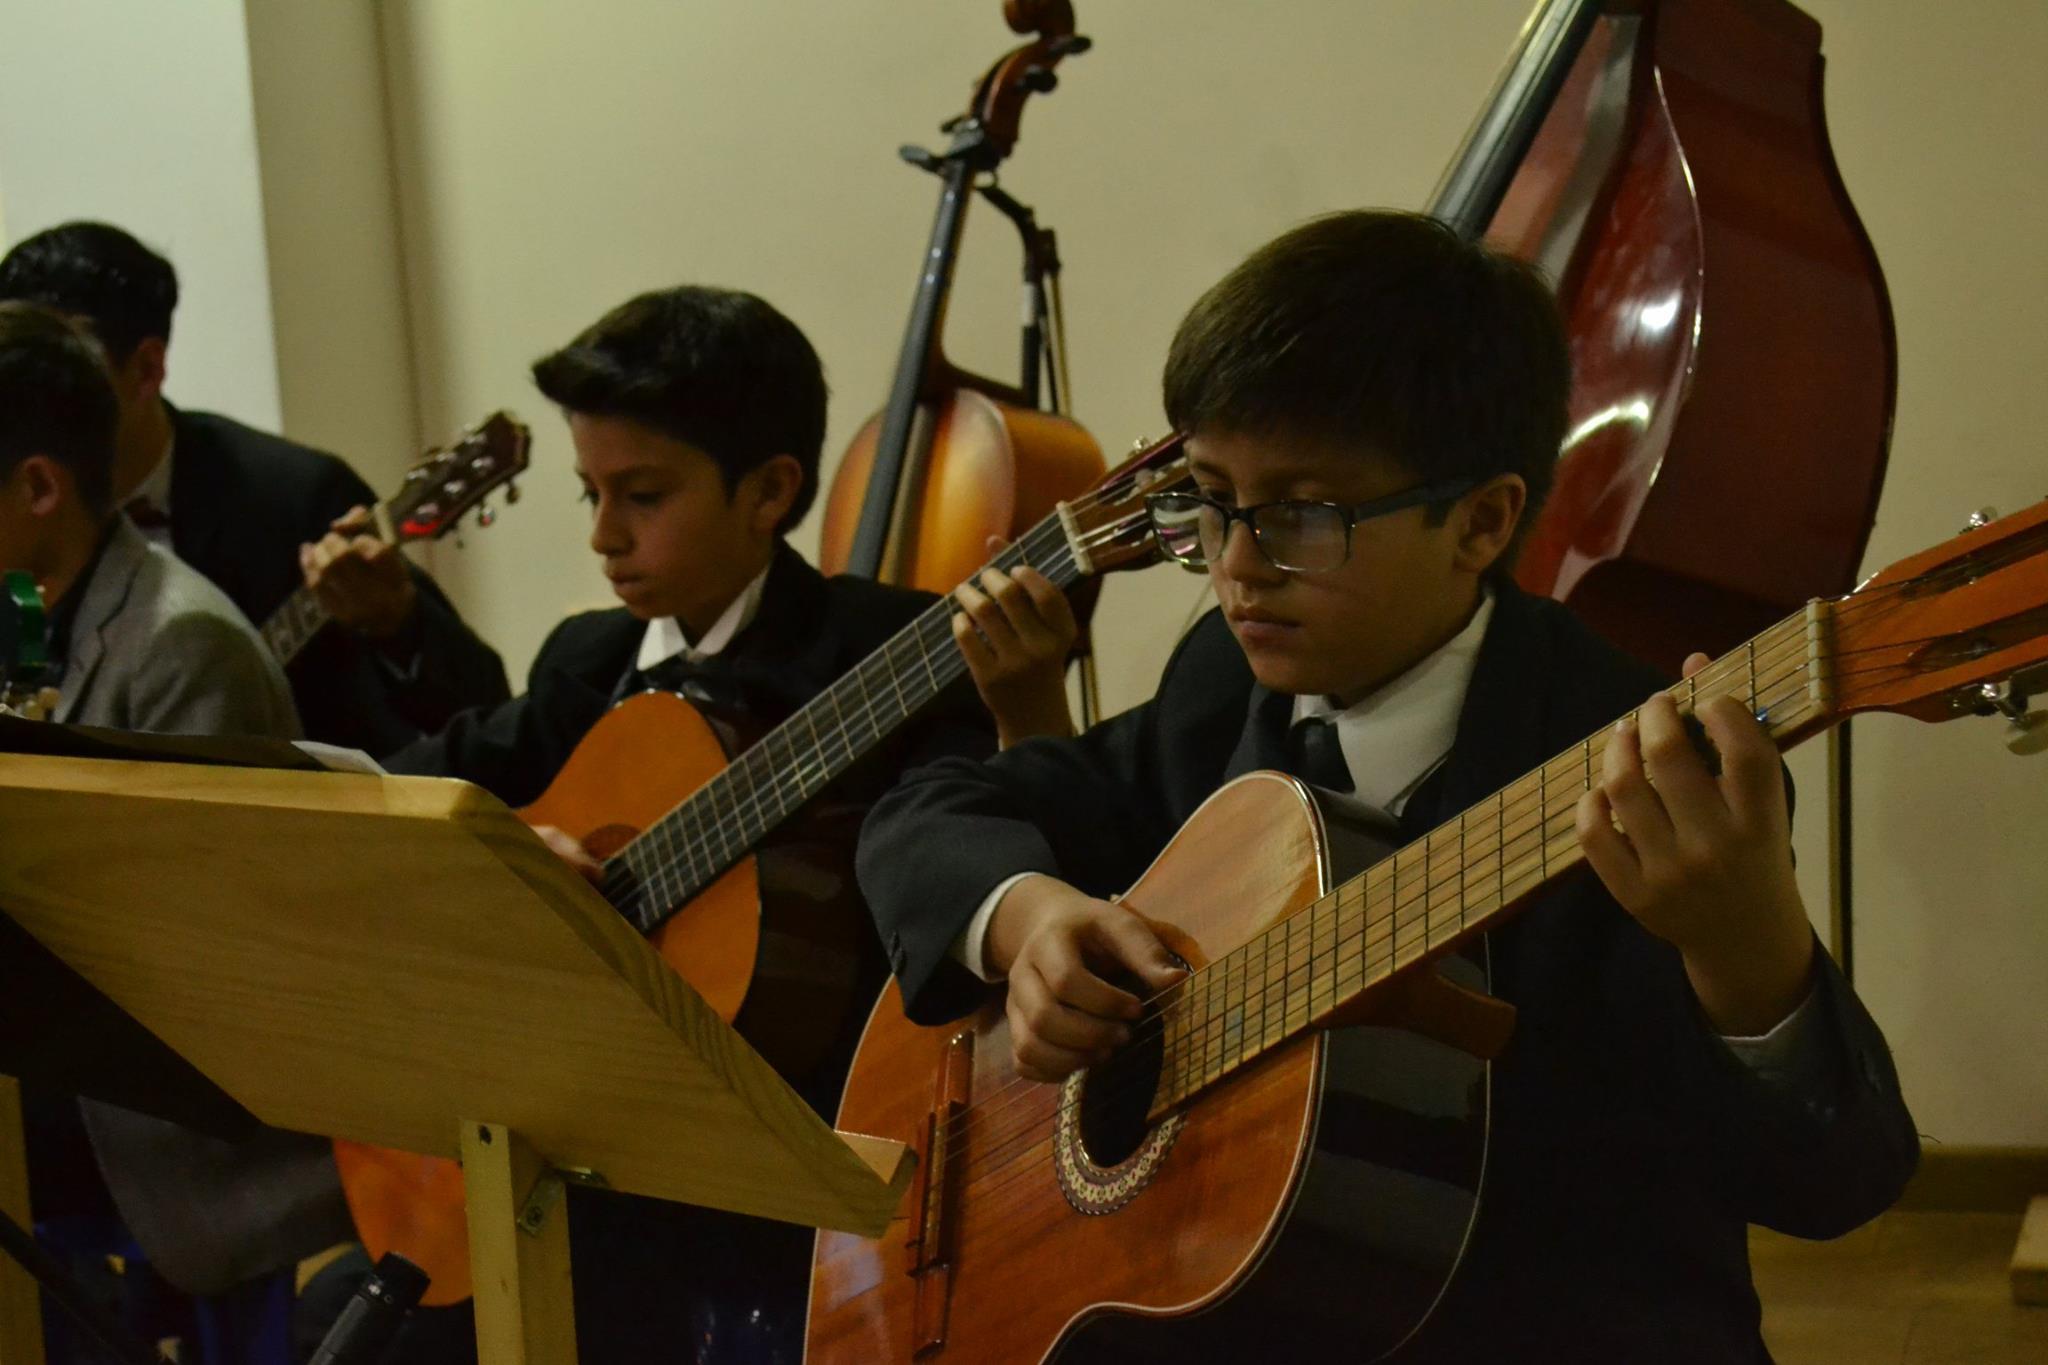 Orquesta de Guitarra. Aprende a tocar guitarra. conciertos de guitarra. Música clásica.Música Colombiana